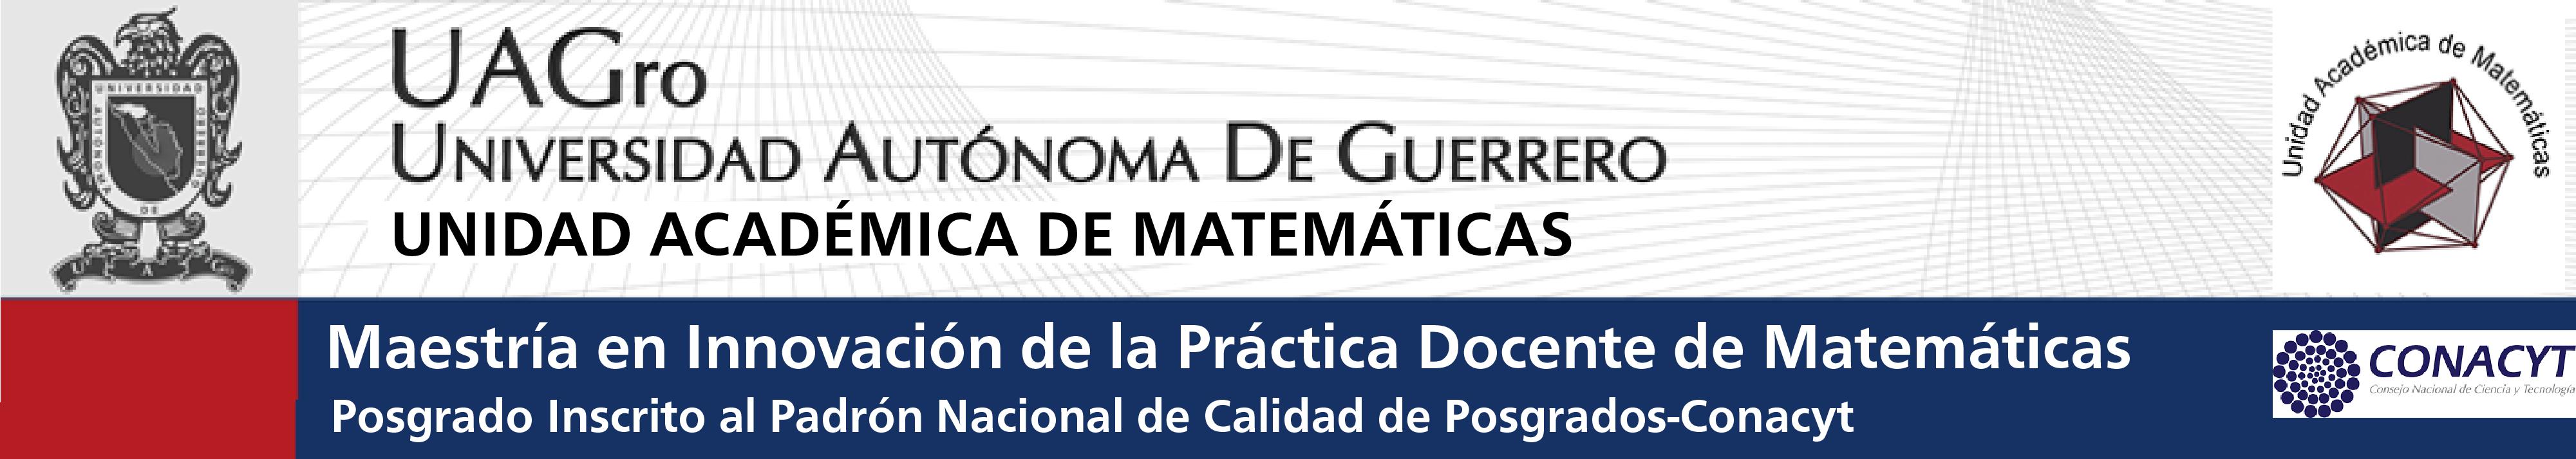 Maestría en Innovación de la Práctica Docente de Matemáticas